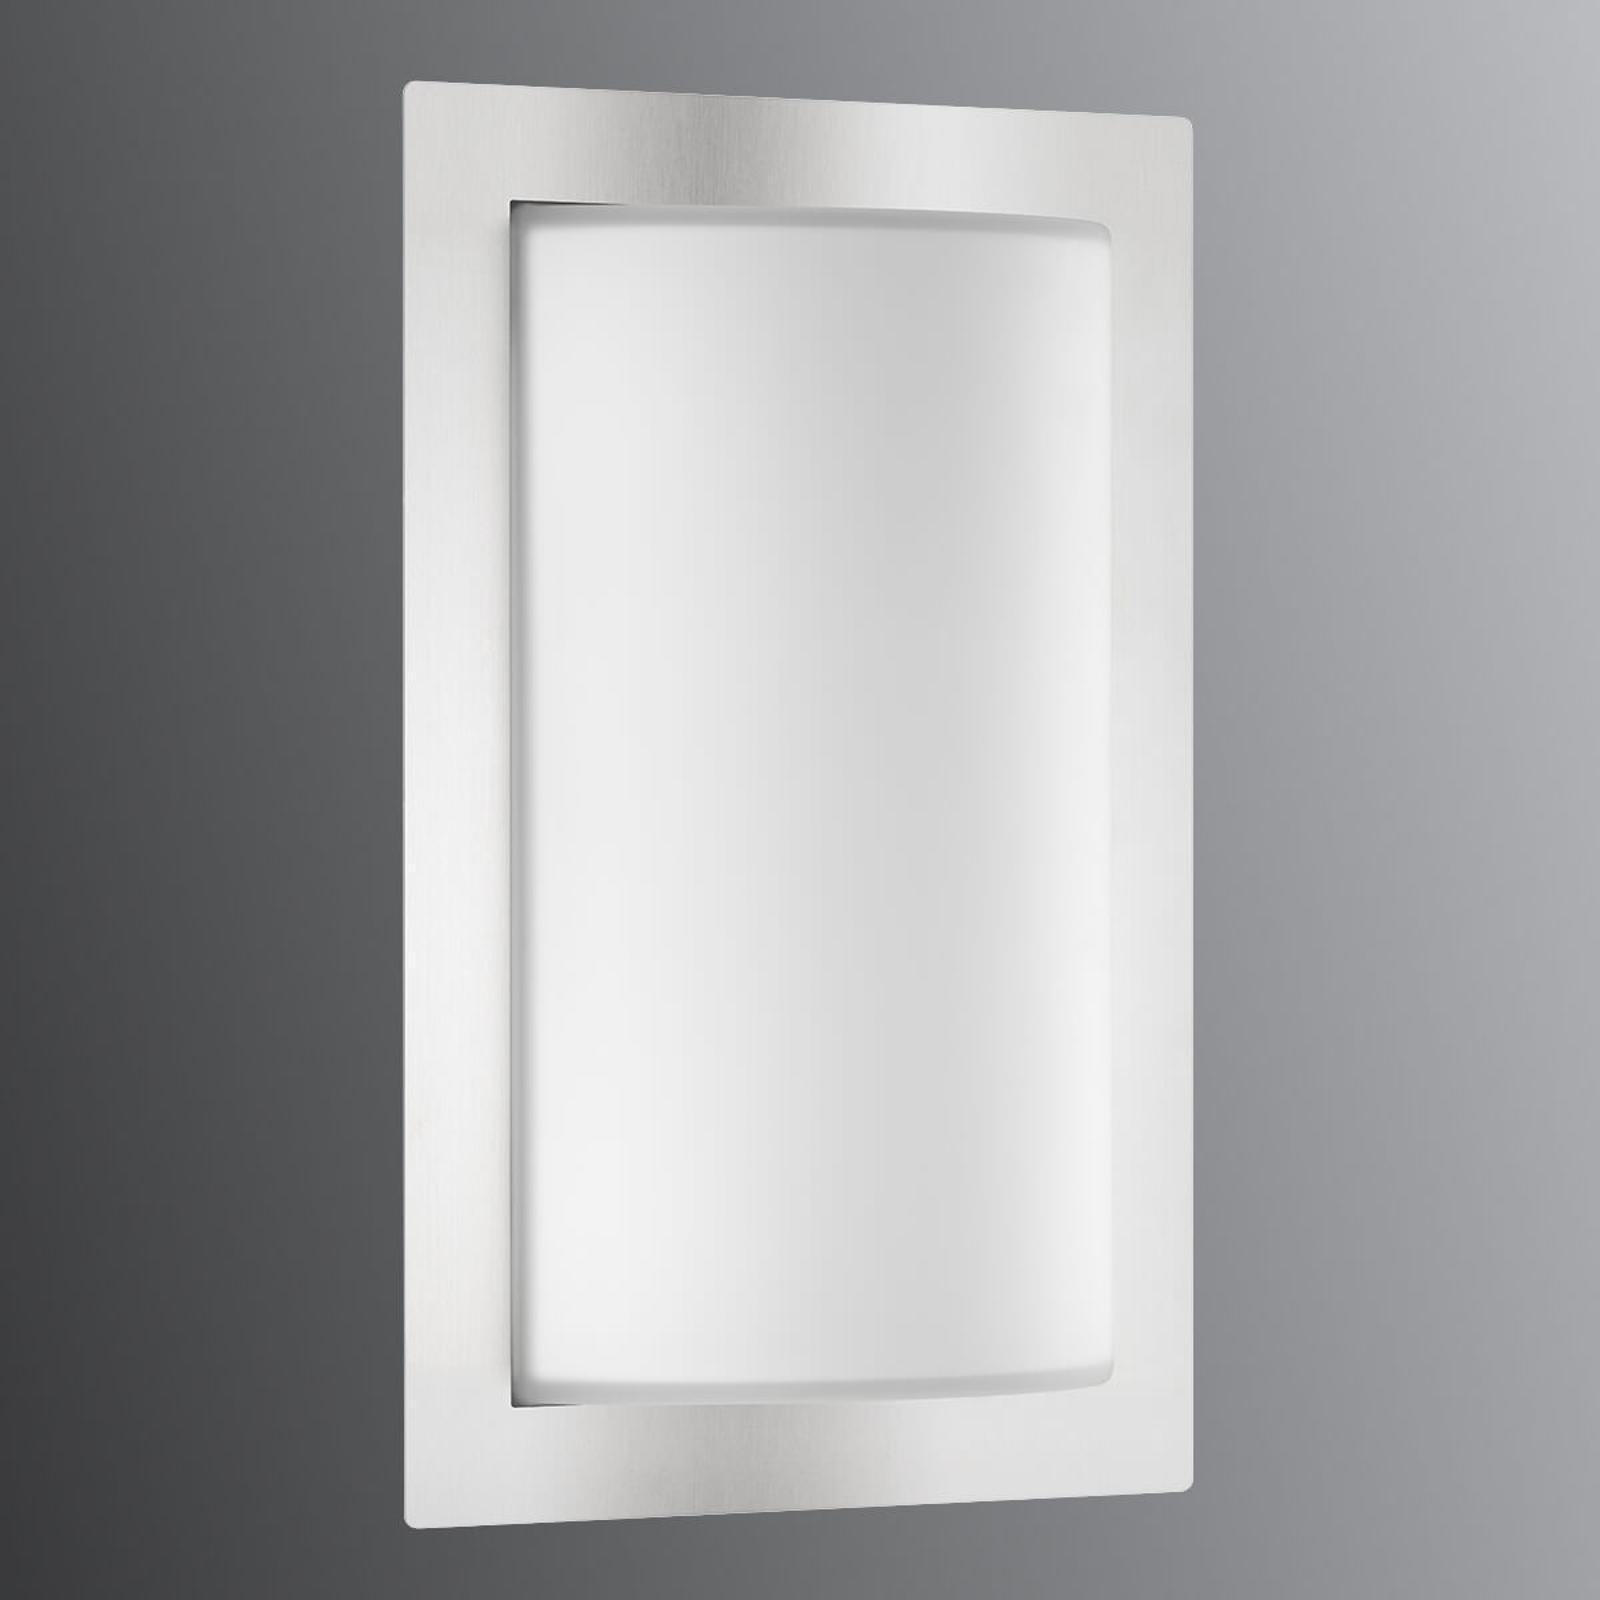 Hoogwaardige LED buitenwandlamp Luis